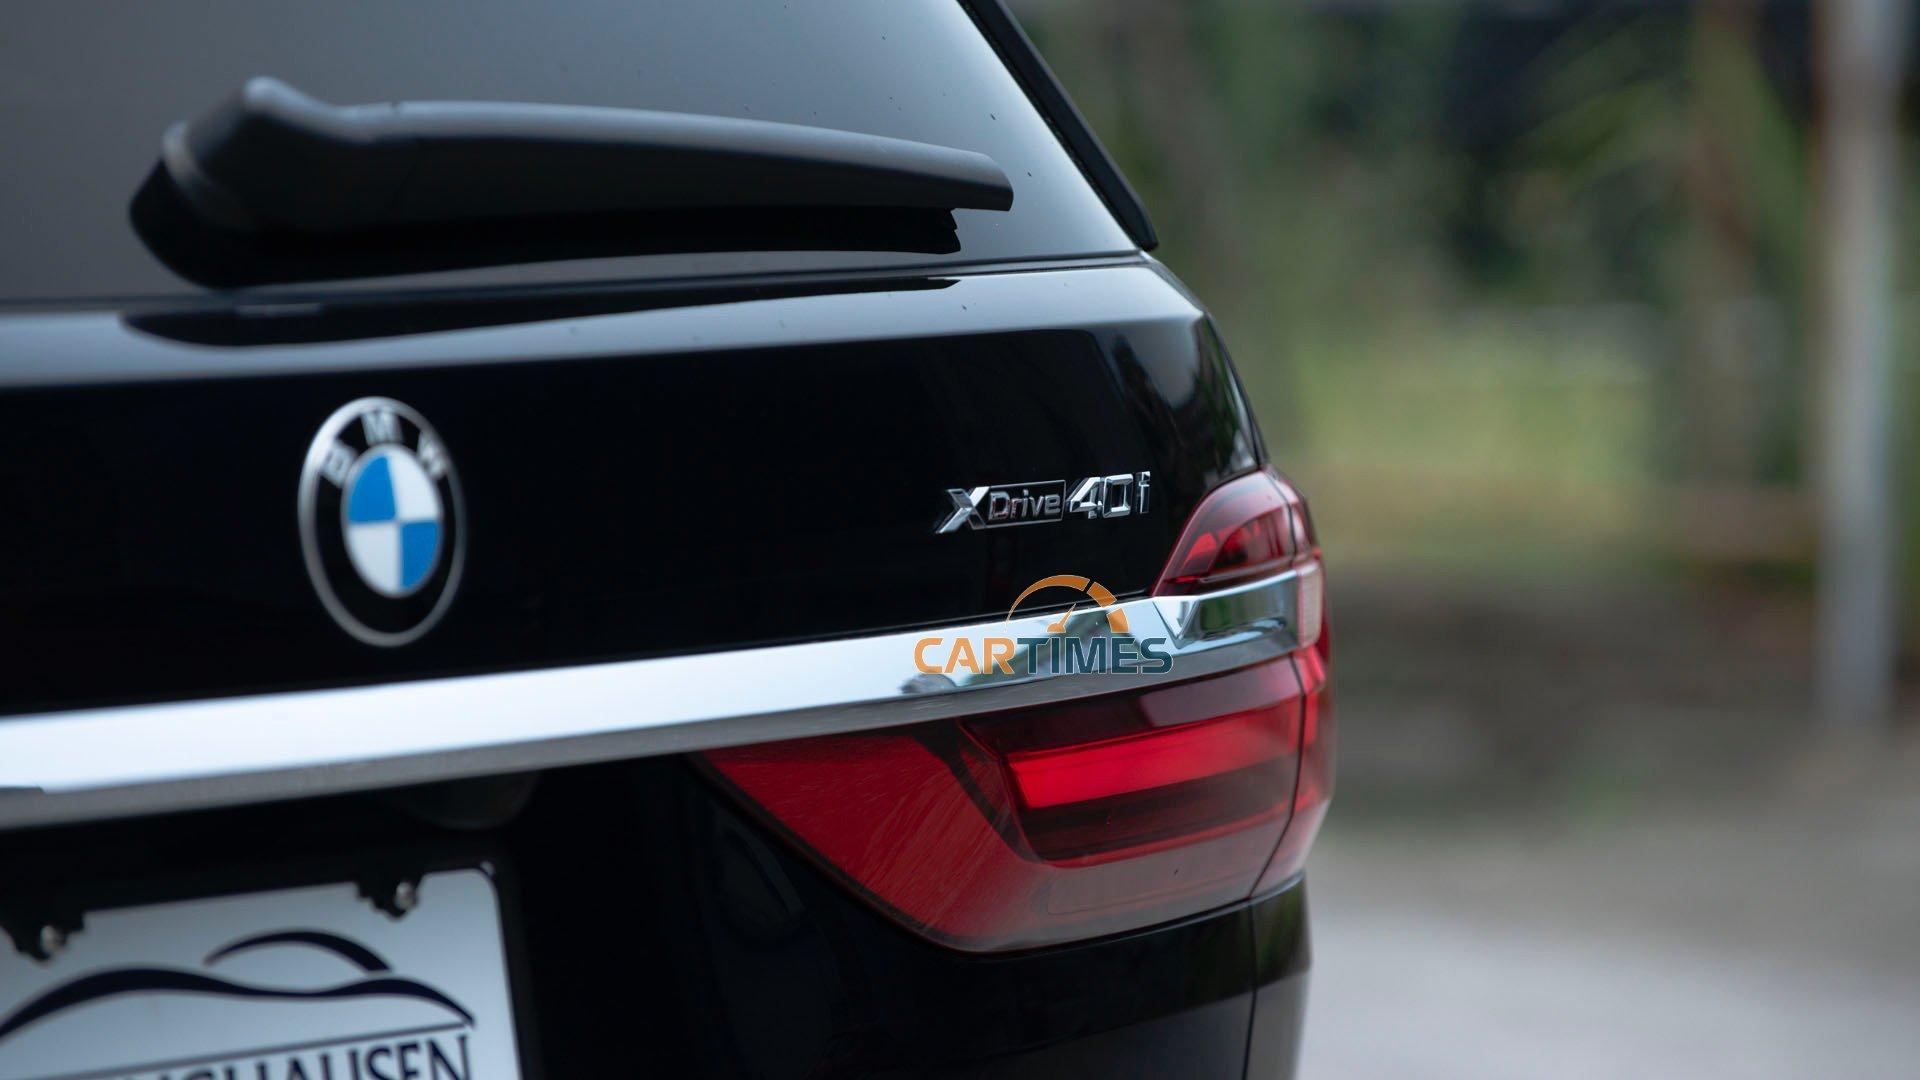 Giá hơn 7 tỷ đồng, BMW X7 thứ 2 về Việt Nam có những trang bị gì? Ảnh 11